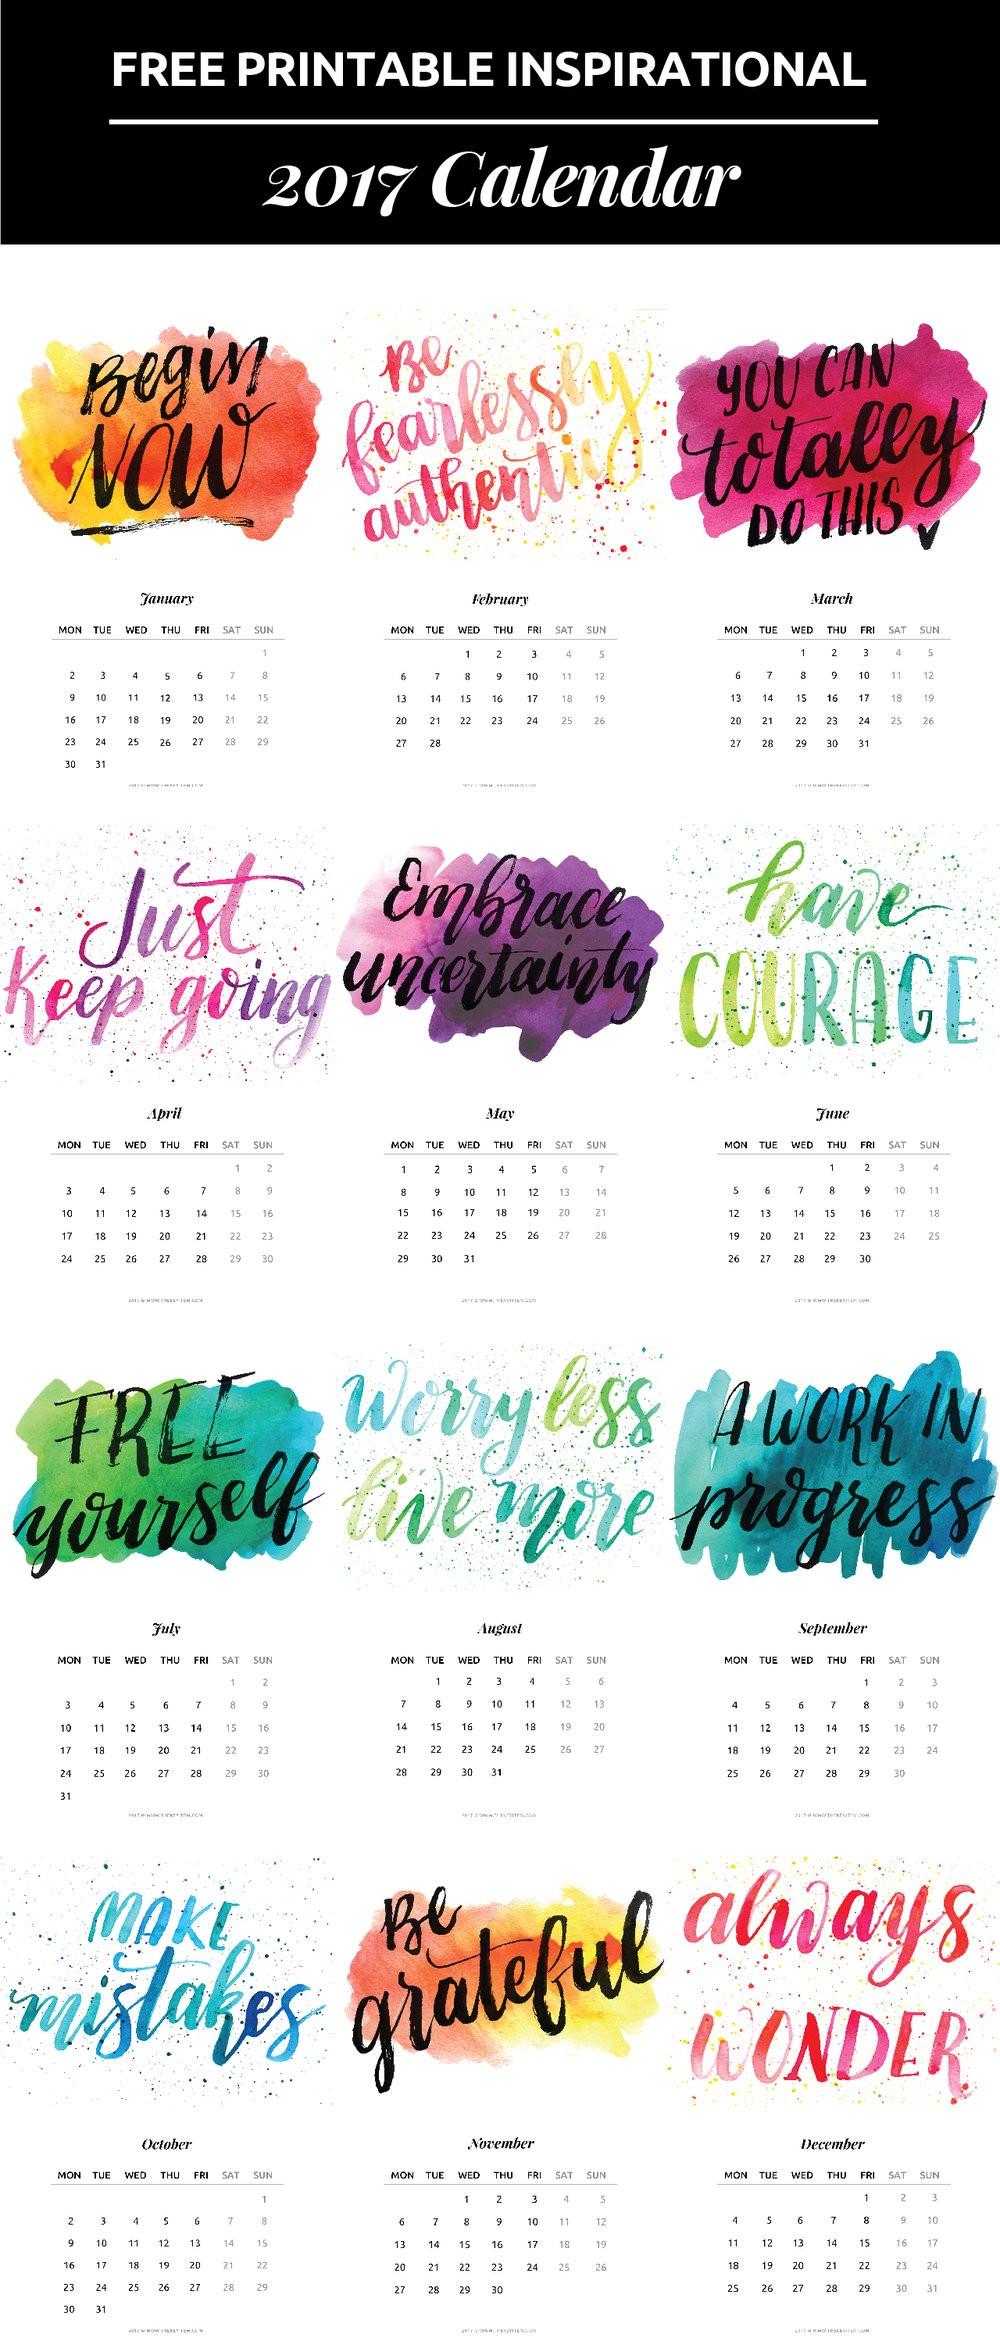 He creado un calendario 2017 con frases de inspiraci³n para todo el emprededor Imprirlo facilmente